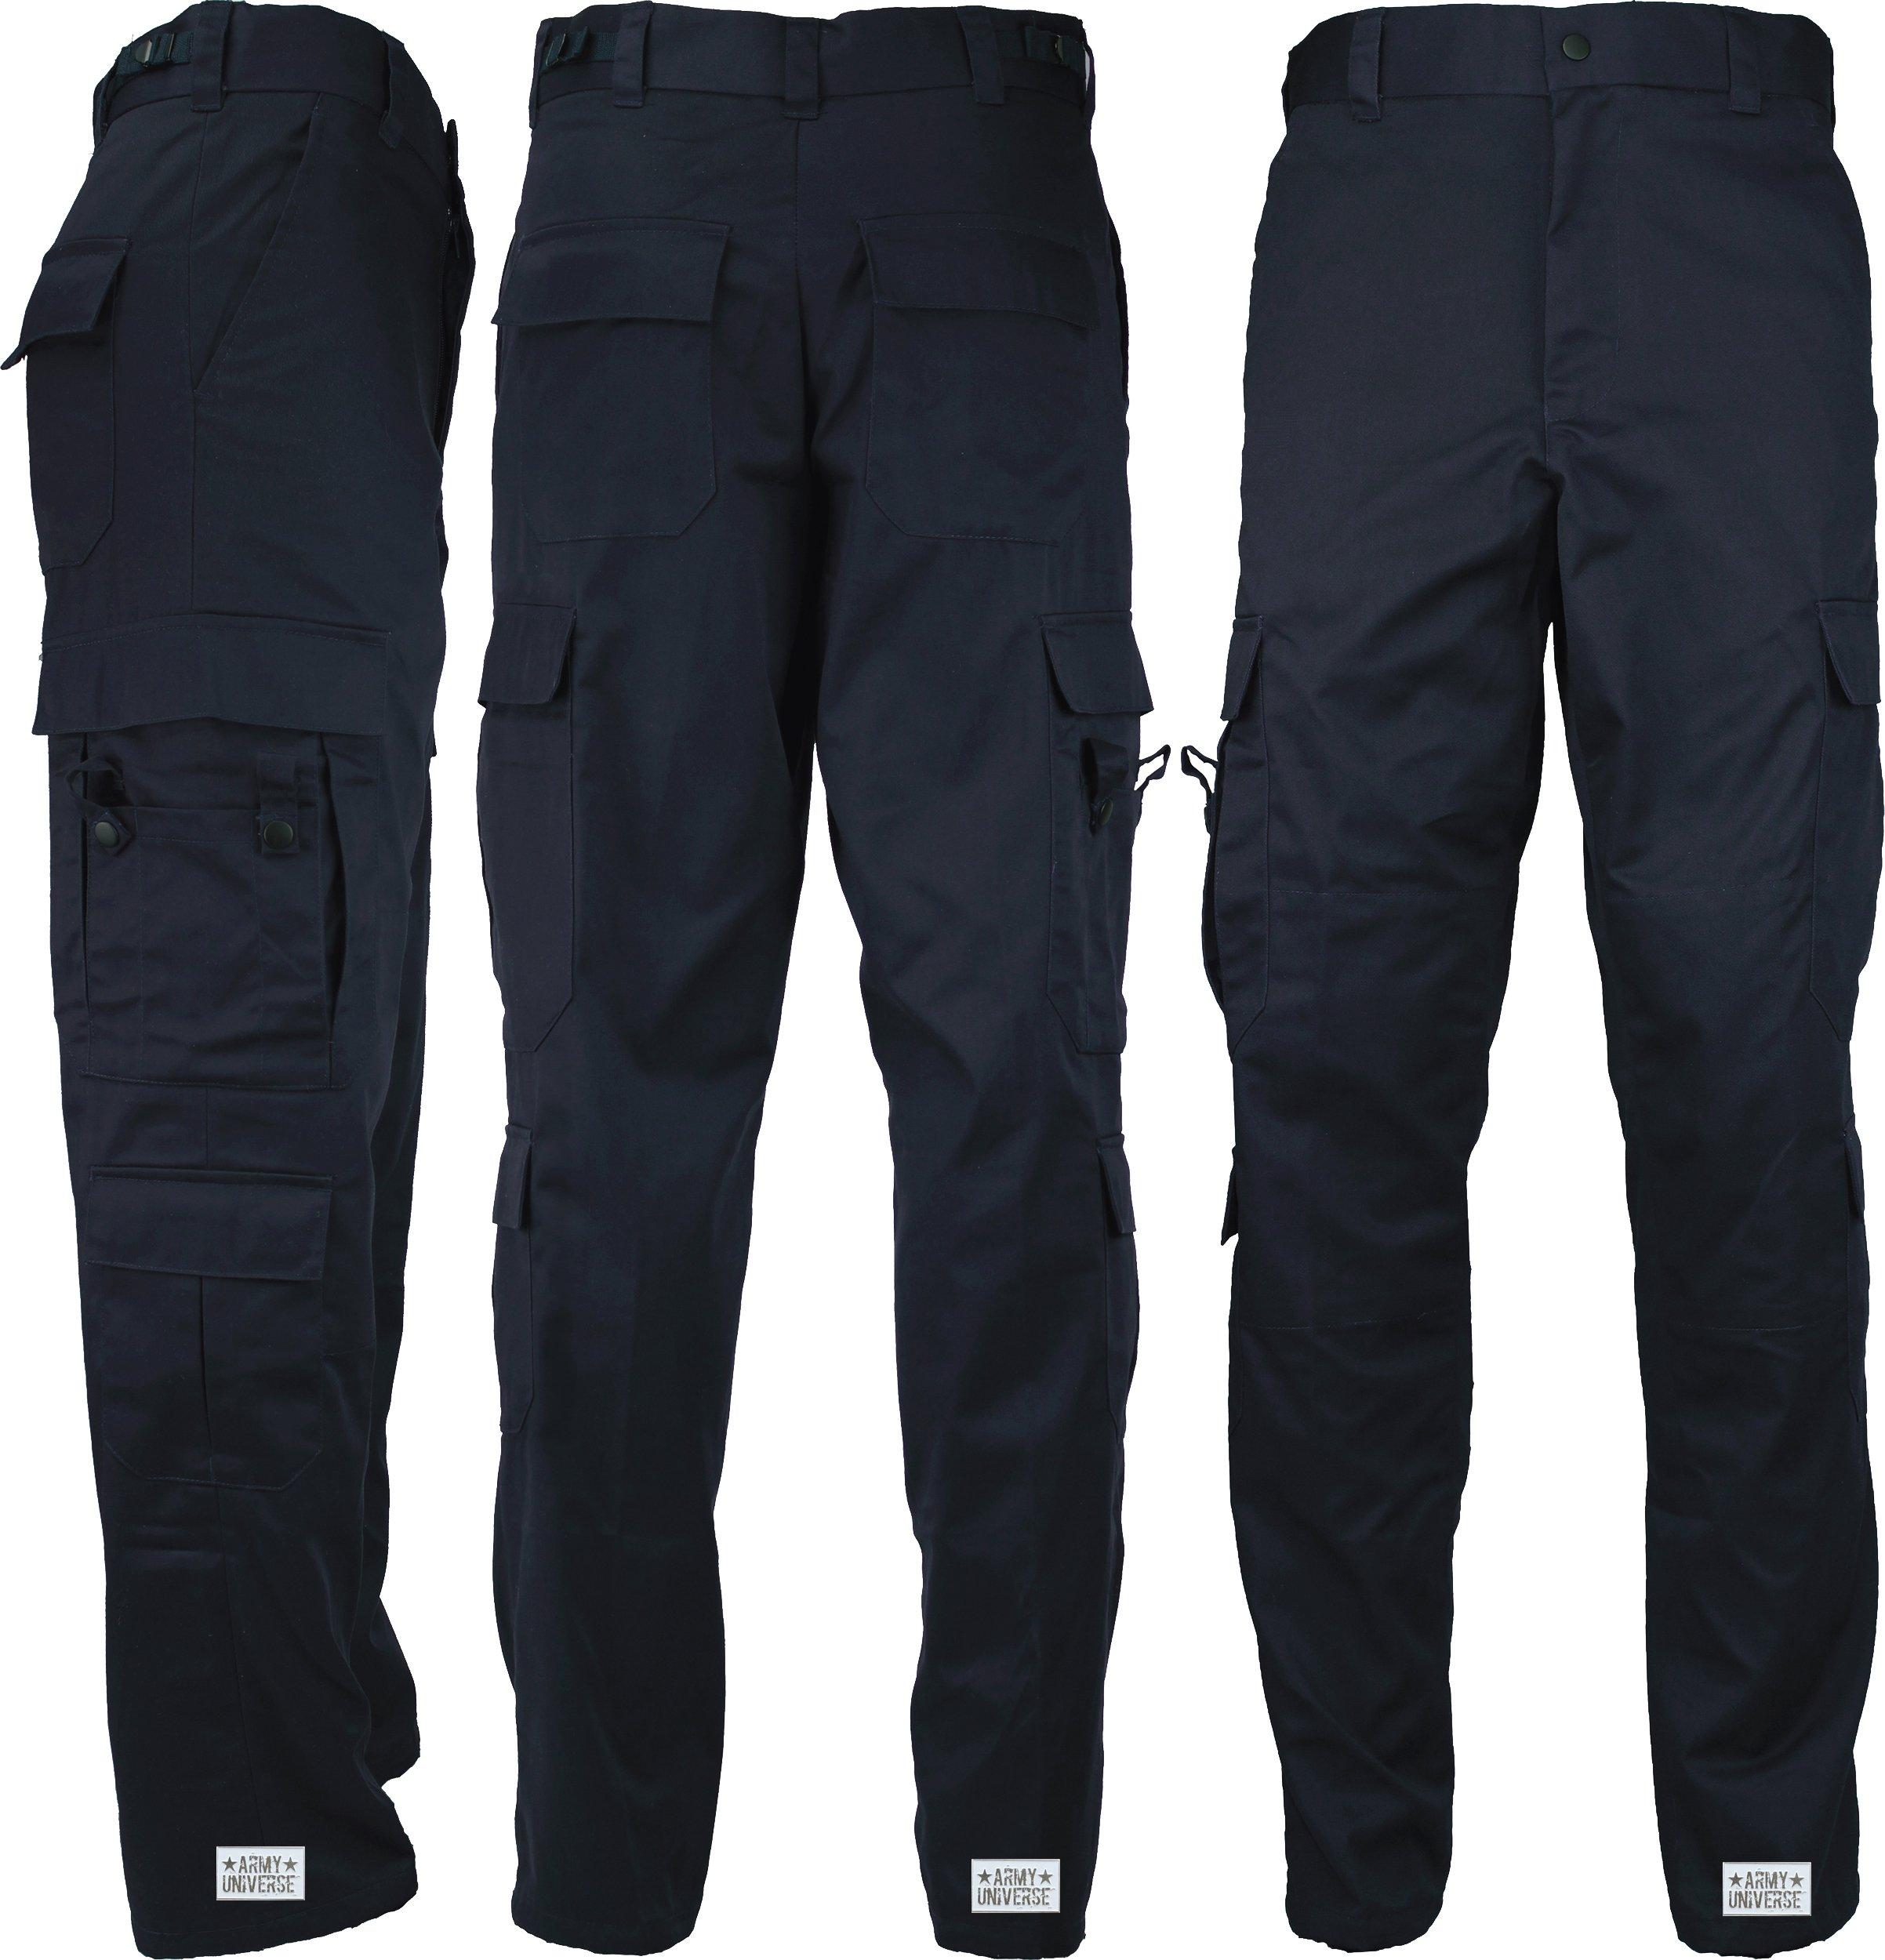 Midnight Dark Navy Blue Uniform 9 Pocket Cargo Pants bcfe20d6612